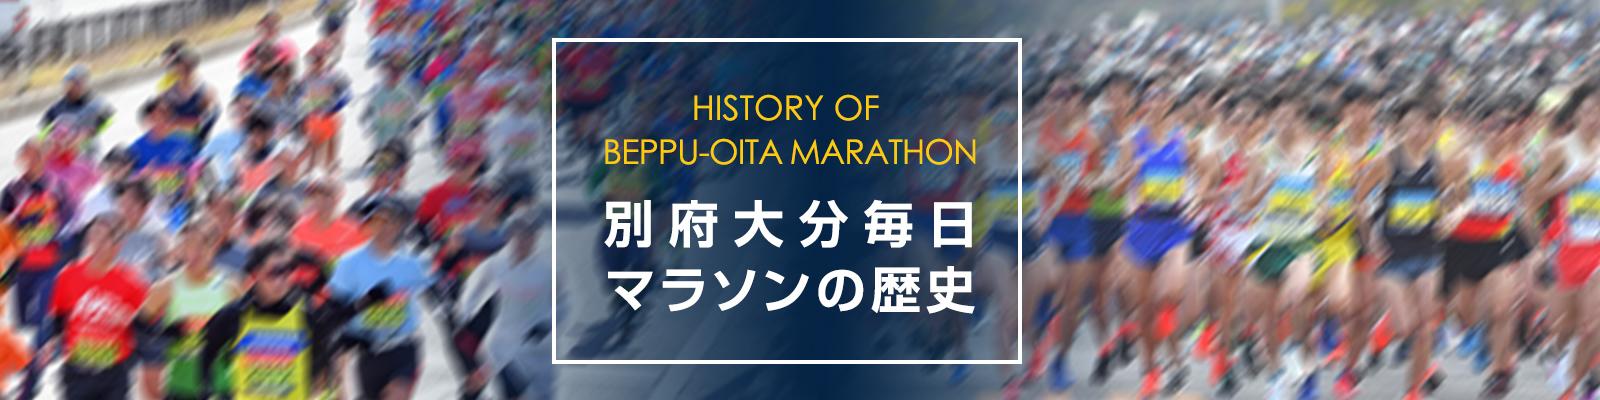 別府大分毎日マラソンの歴史